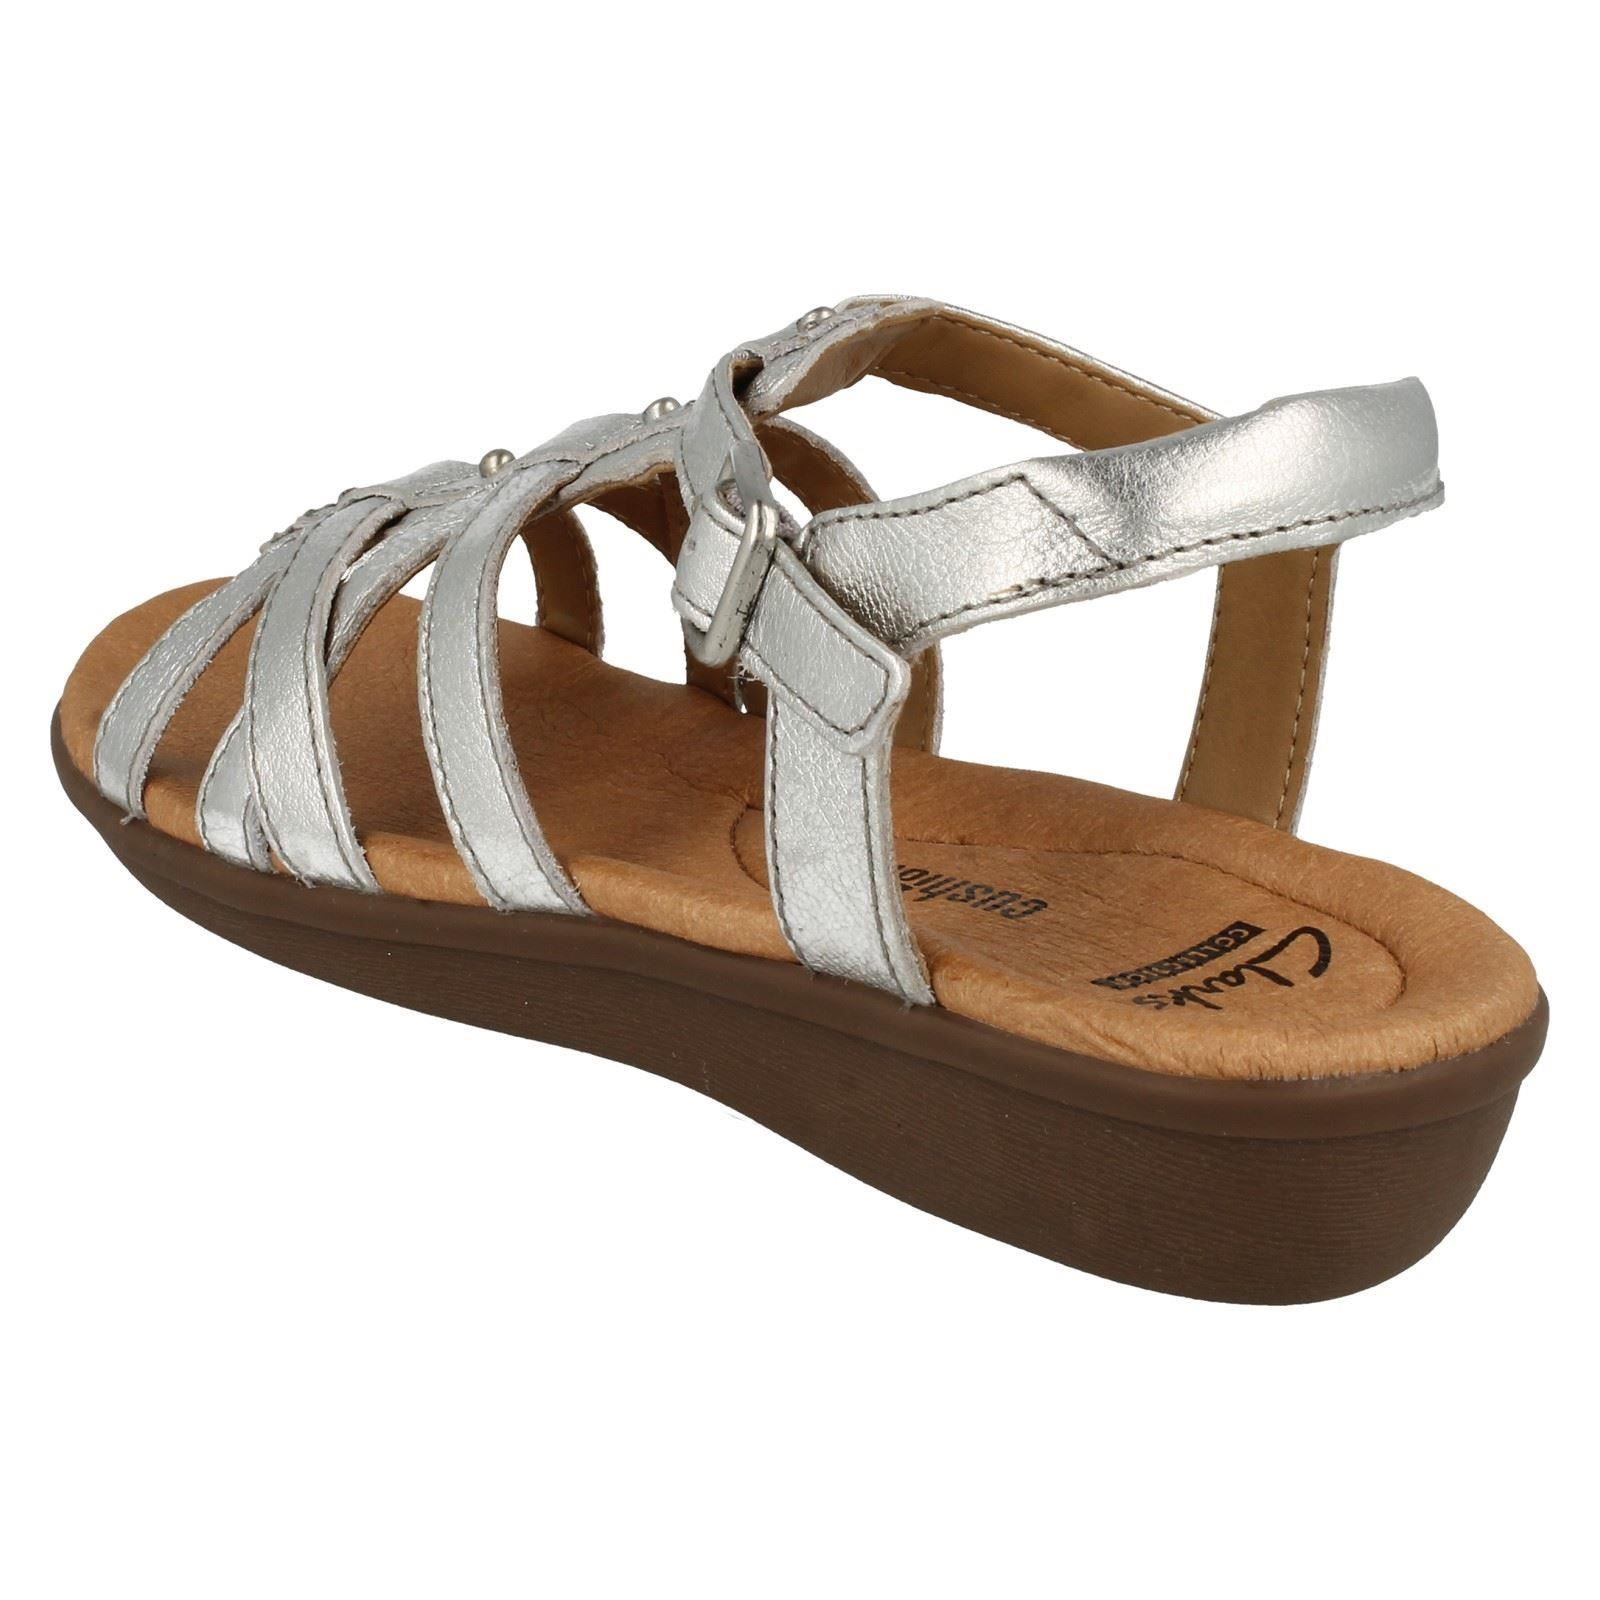 Damenschuhe Clarks Bonita Gladiator Style Sandales Manilla Bonita Clarks 52c217